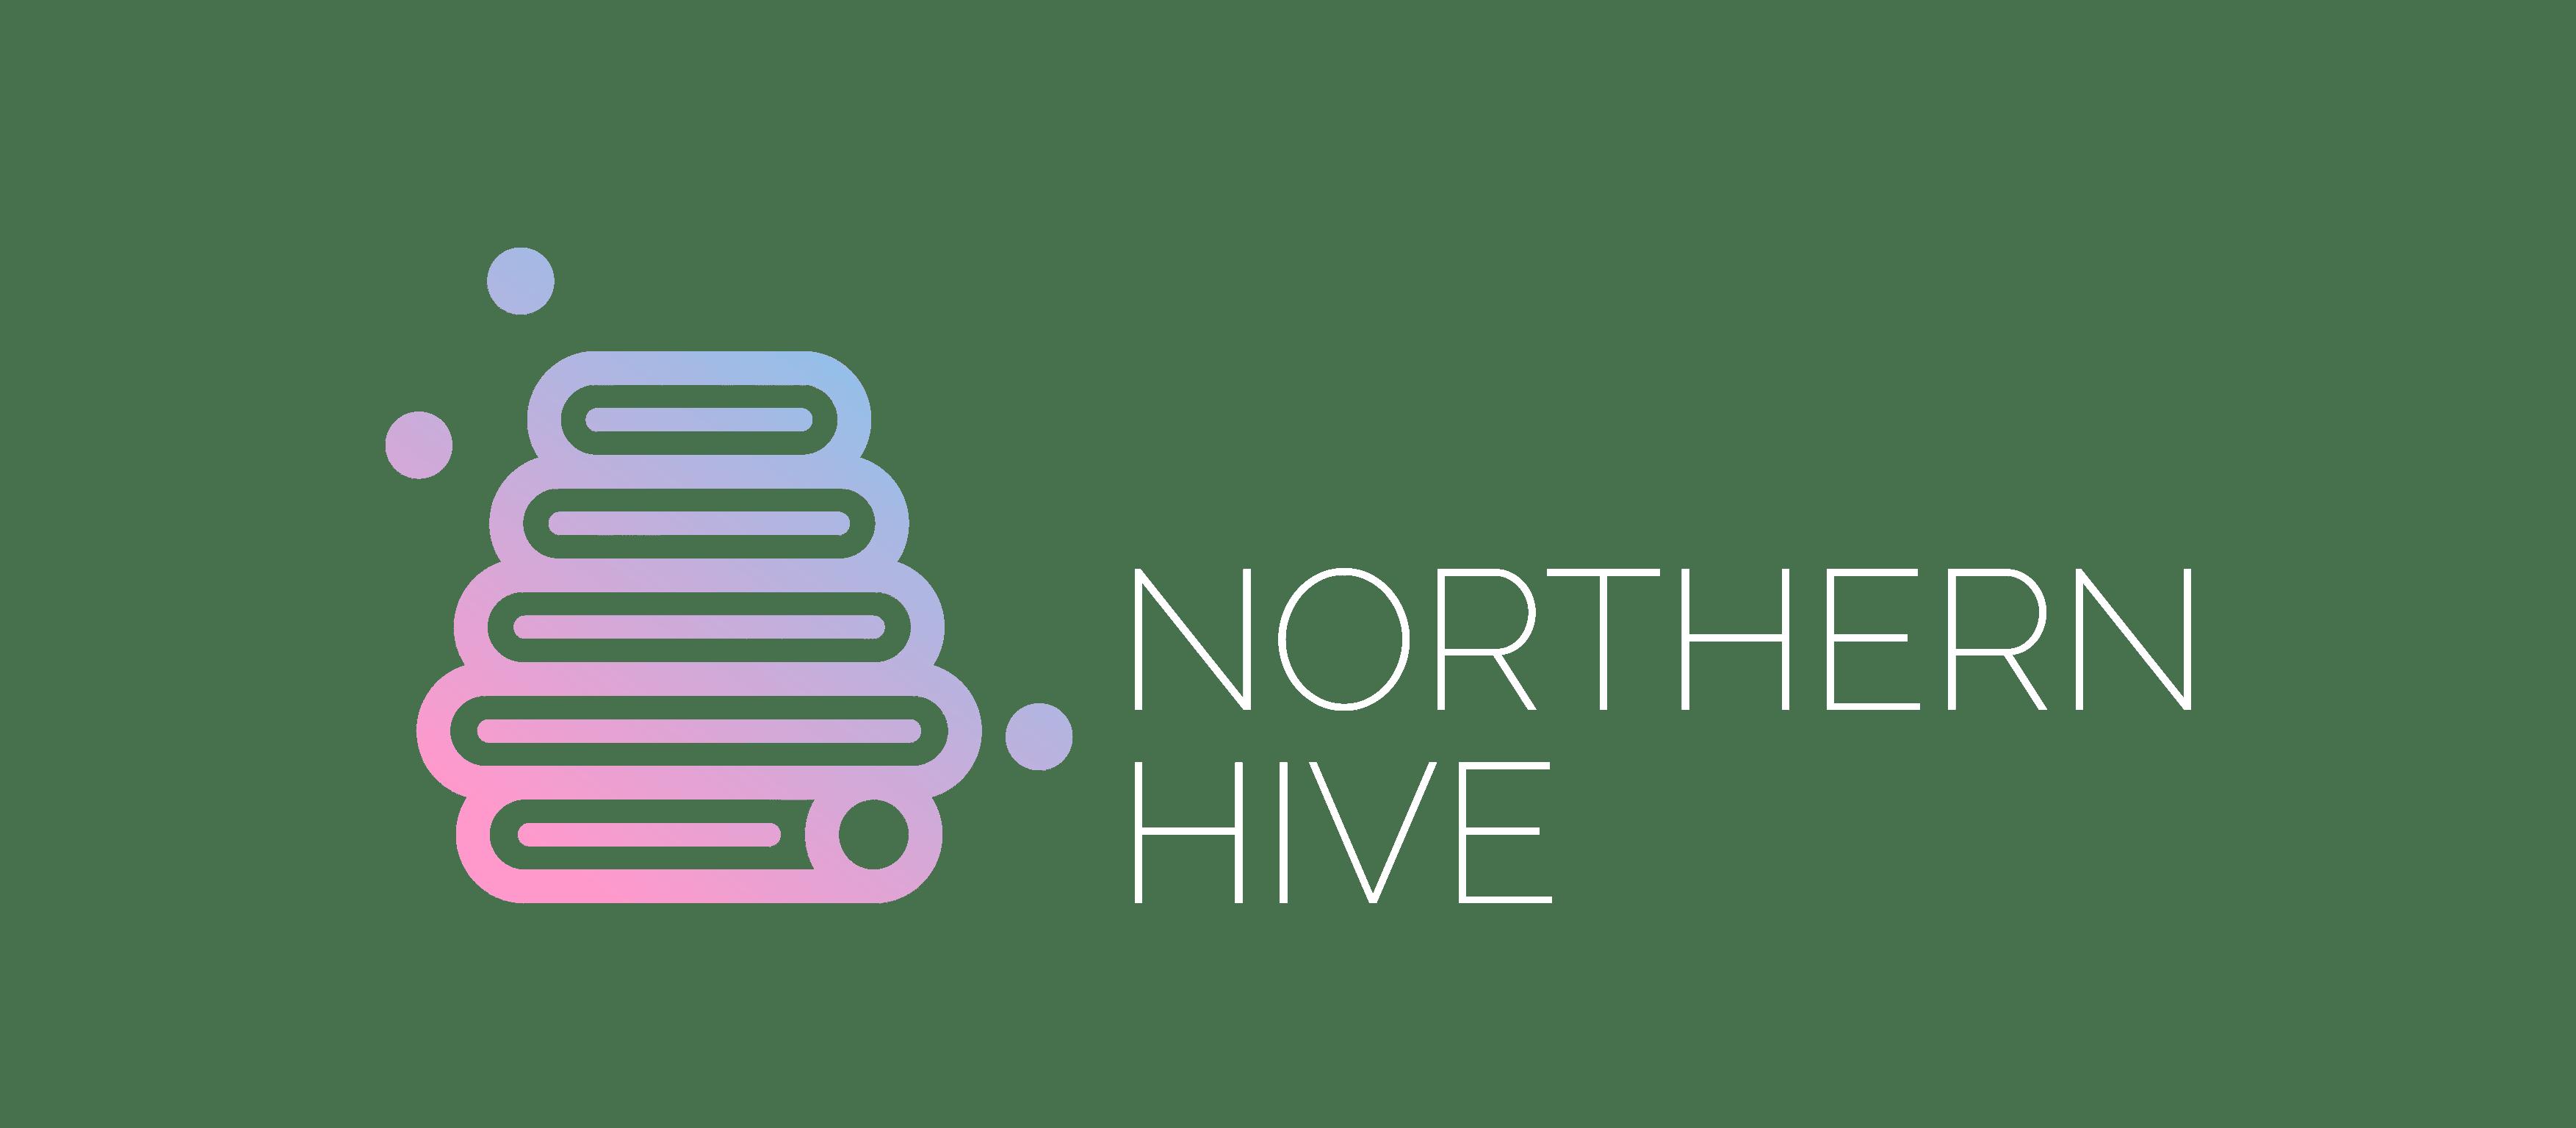 Northern Hive